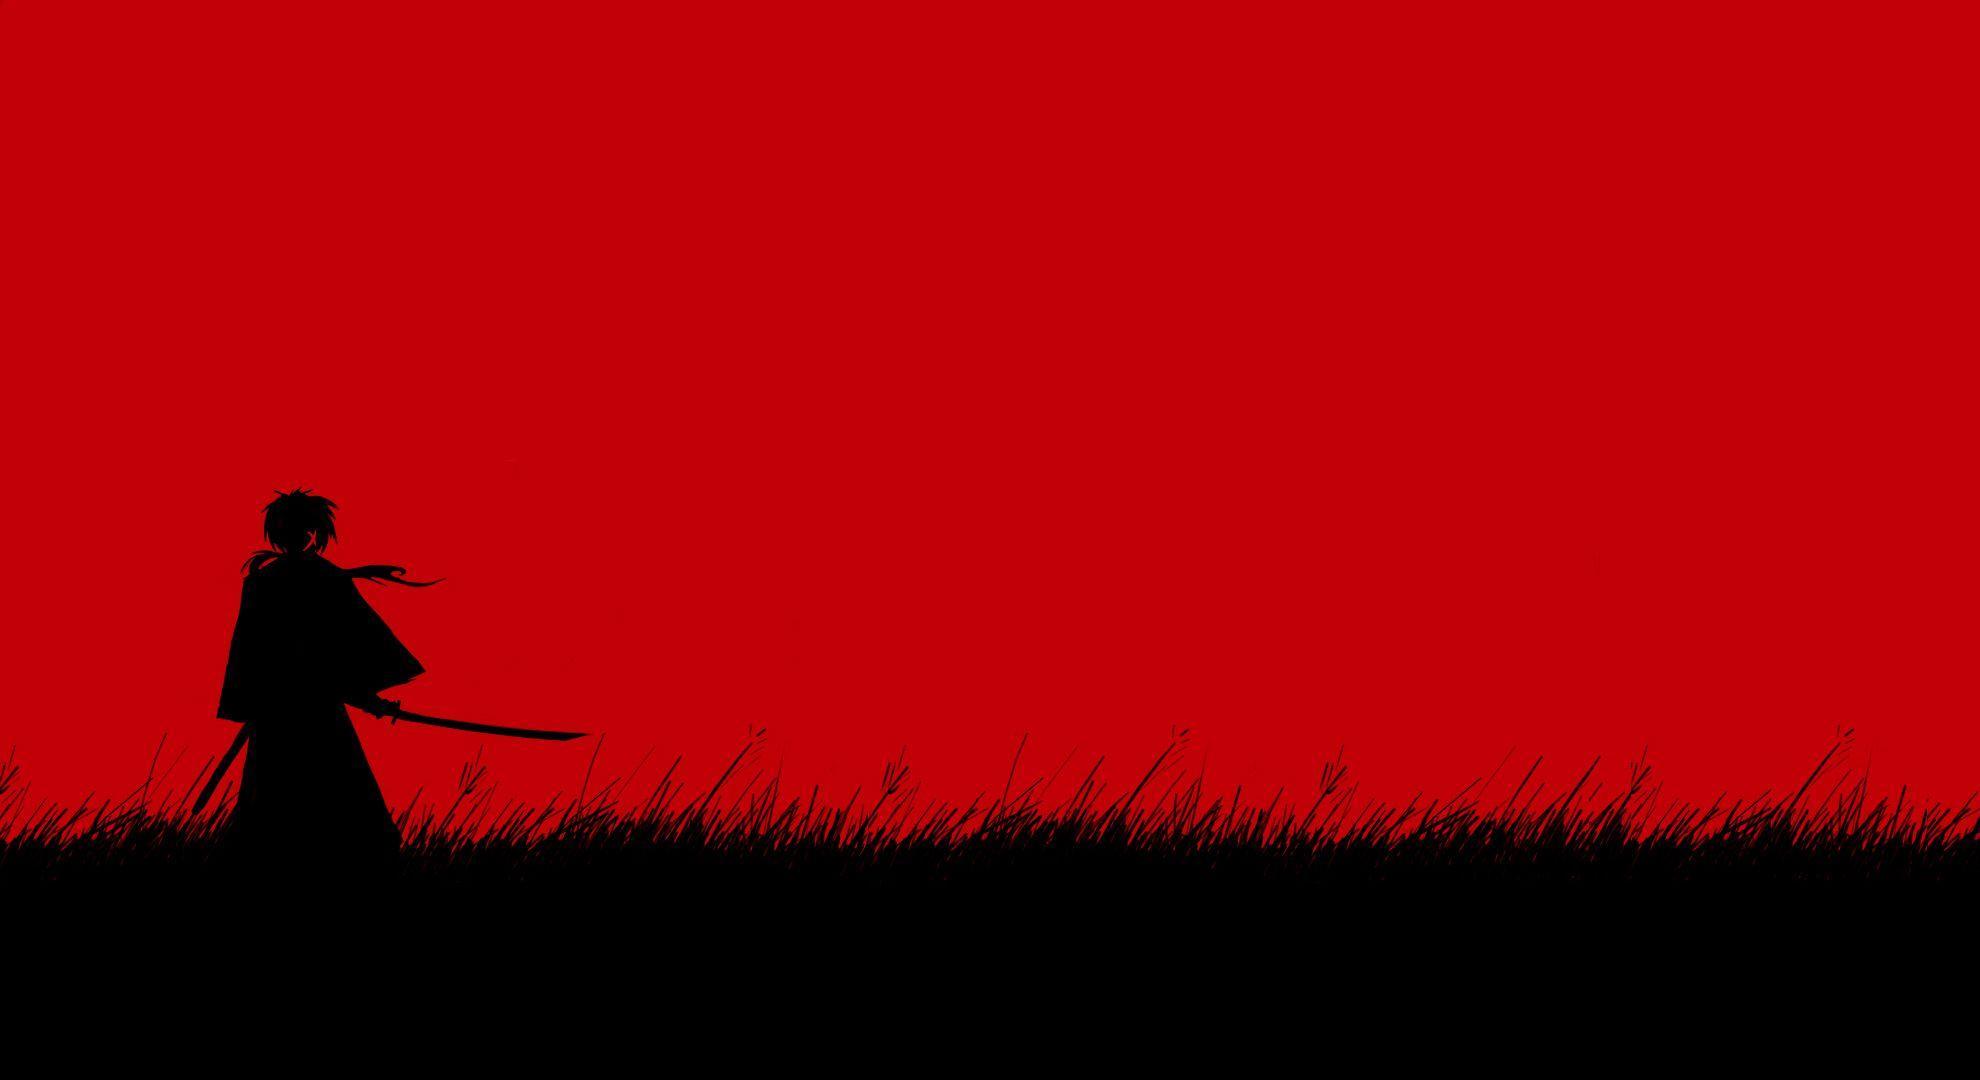 Rurouni Kenshin Wallpapers Top Free Rurouni Kenshin Backgrounds Wallpaperaccess